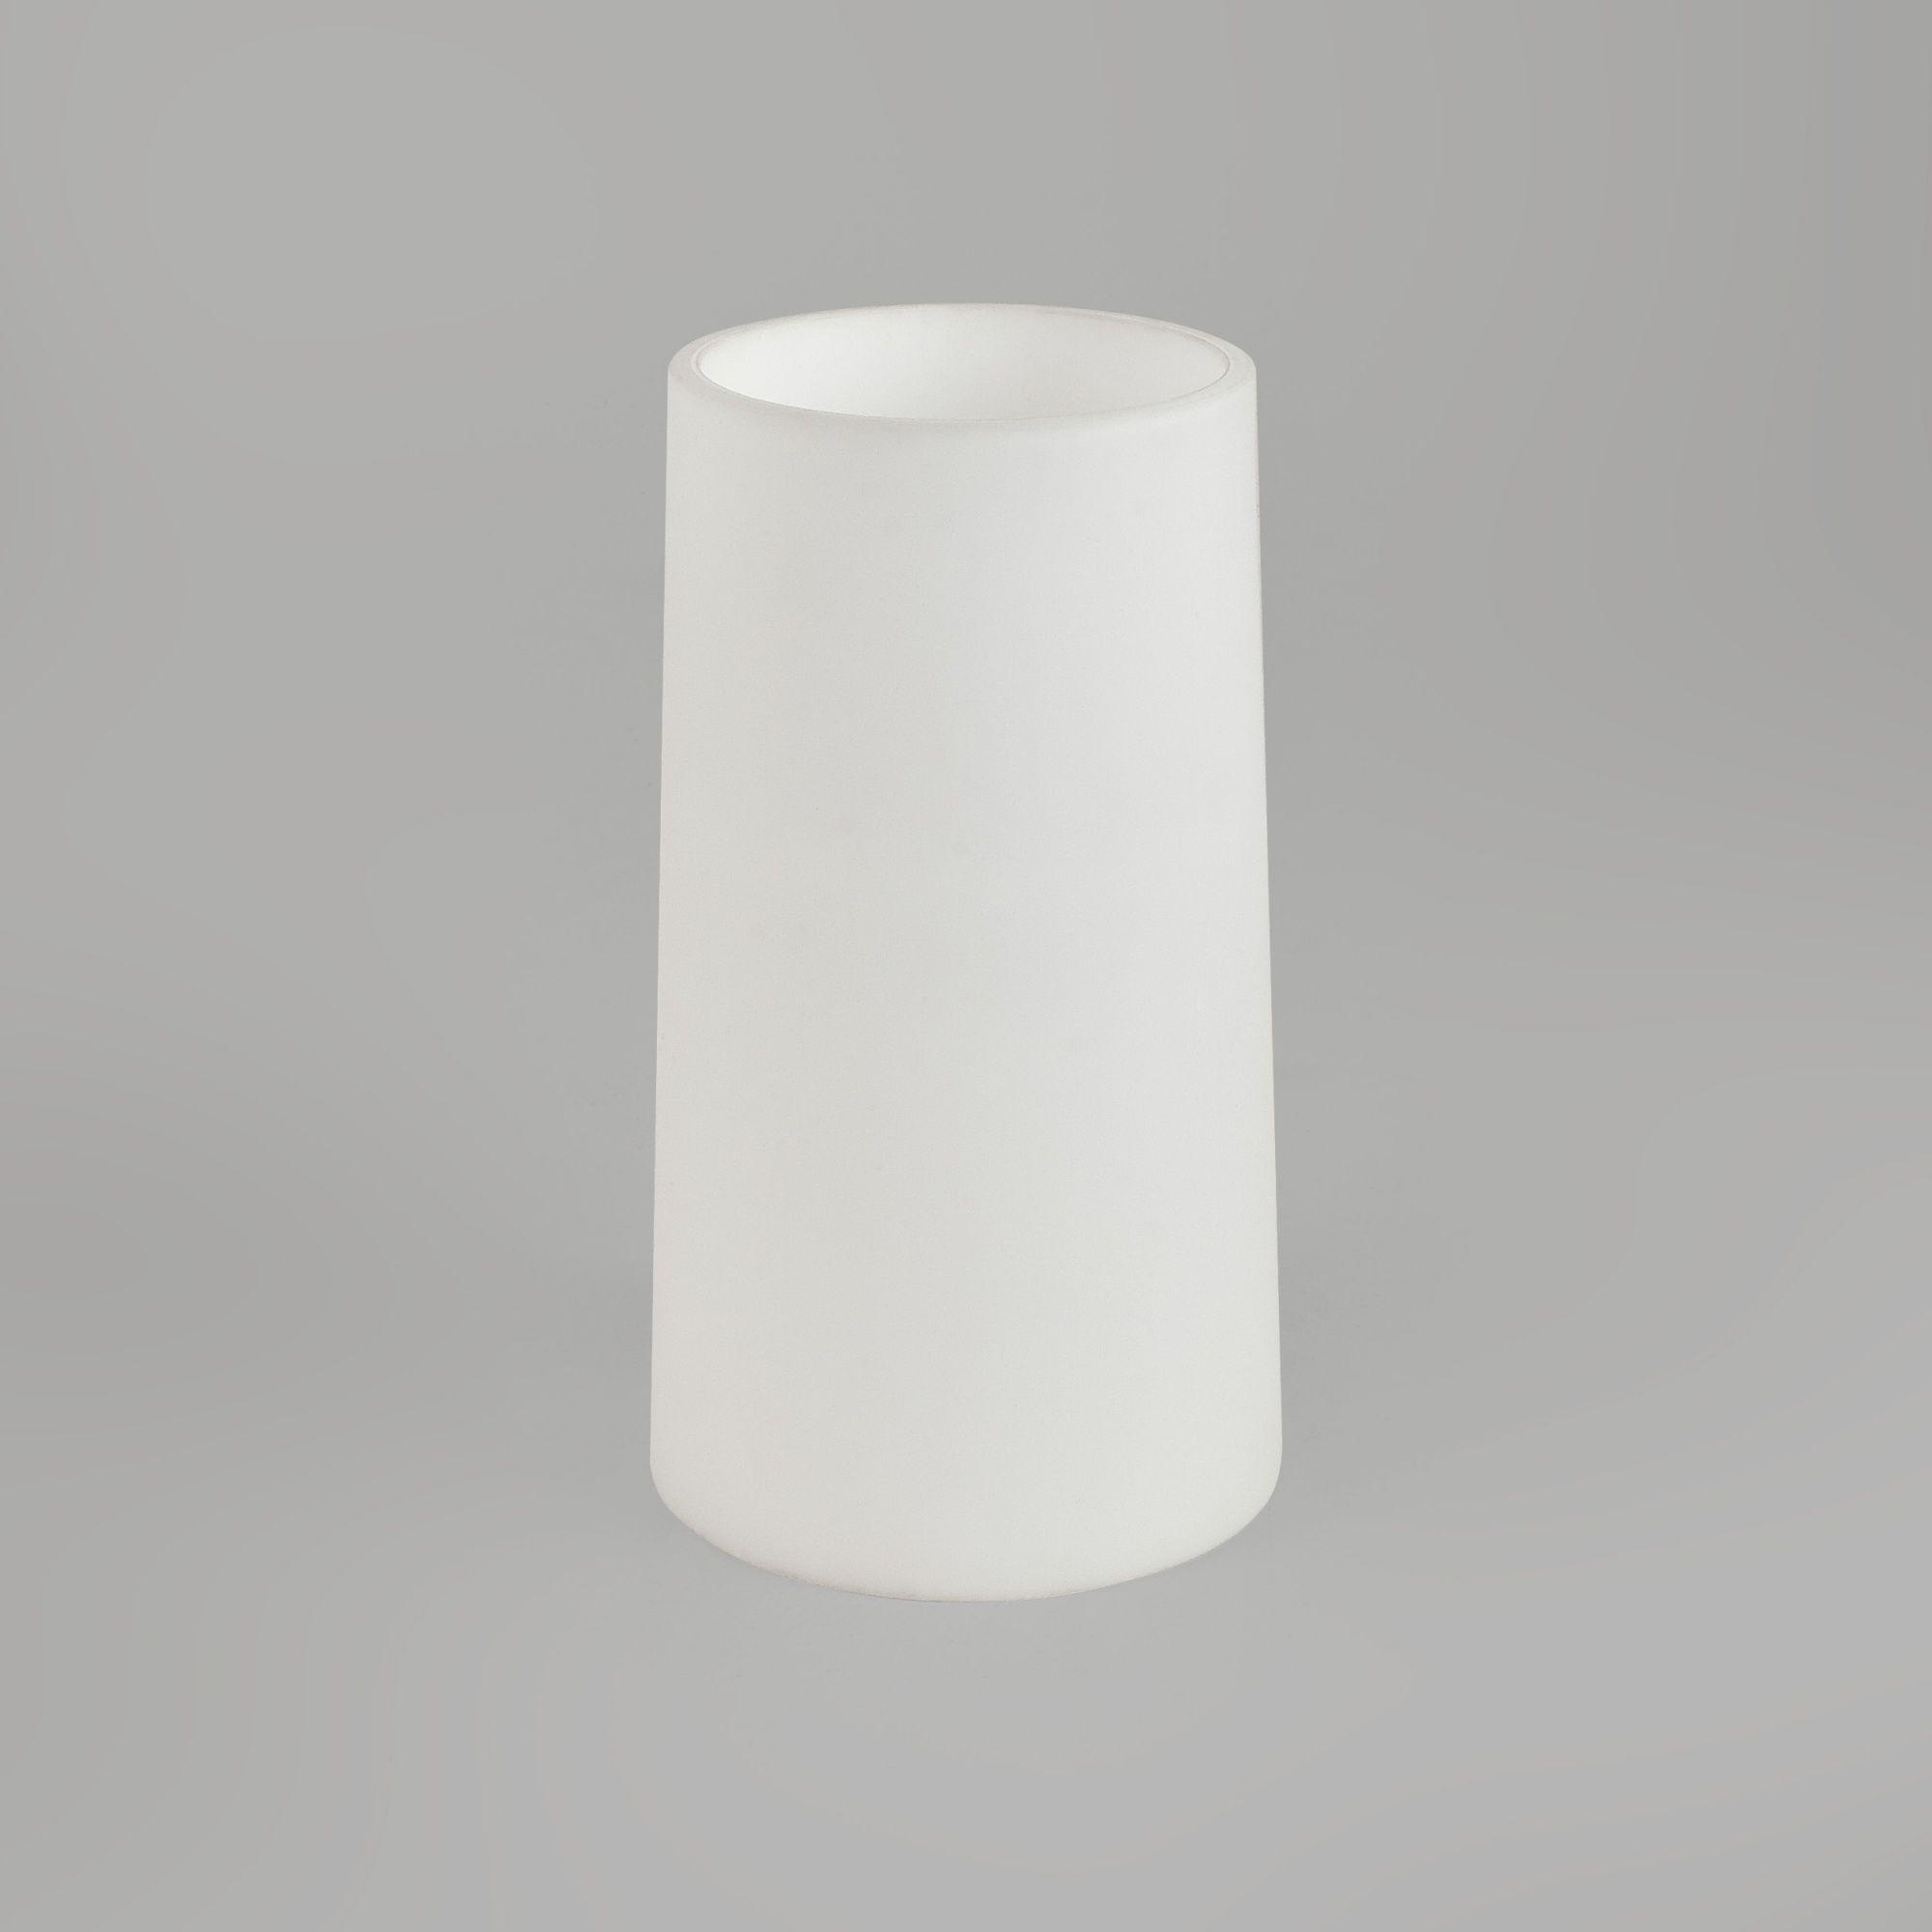 Klosz Cone 4083 Astro Lighting